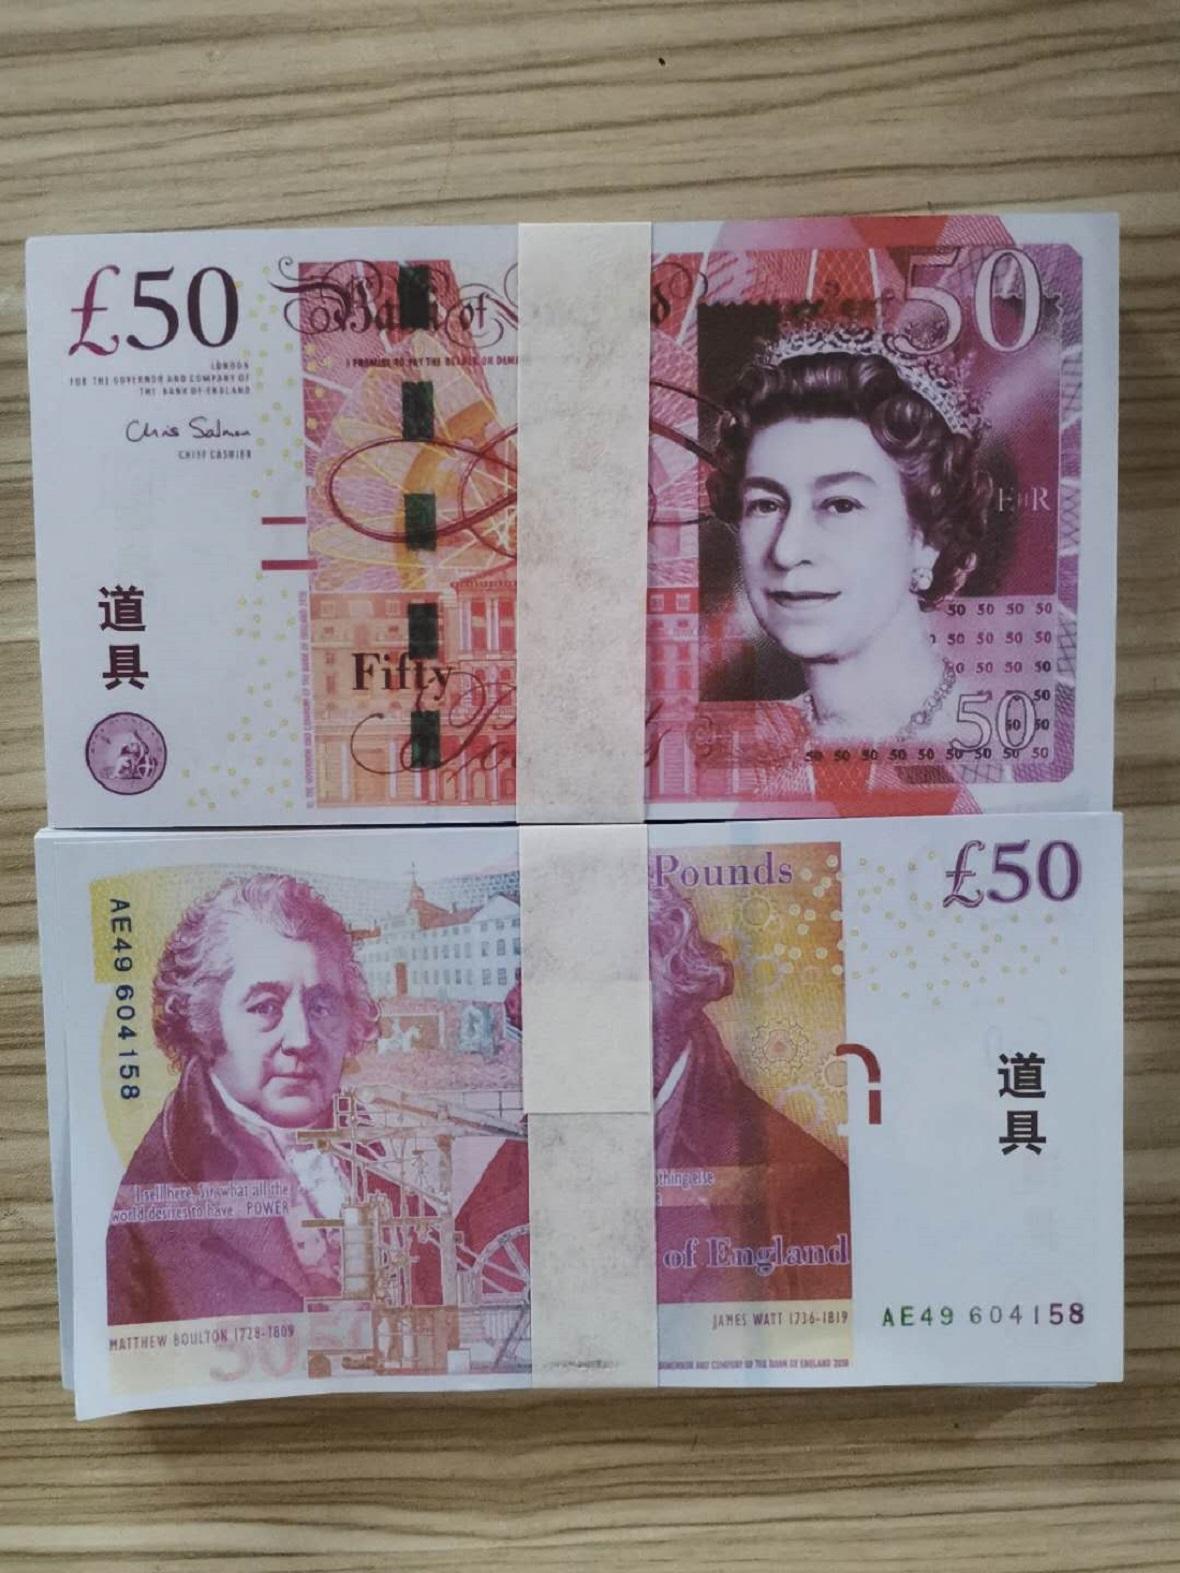 Fabbrica di vendita diretta di simulazione Sterlina britannica falso banconote giocattoli di film e di ripresa televisiva puntelli pratica libbra gettoni di gioco di valuta